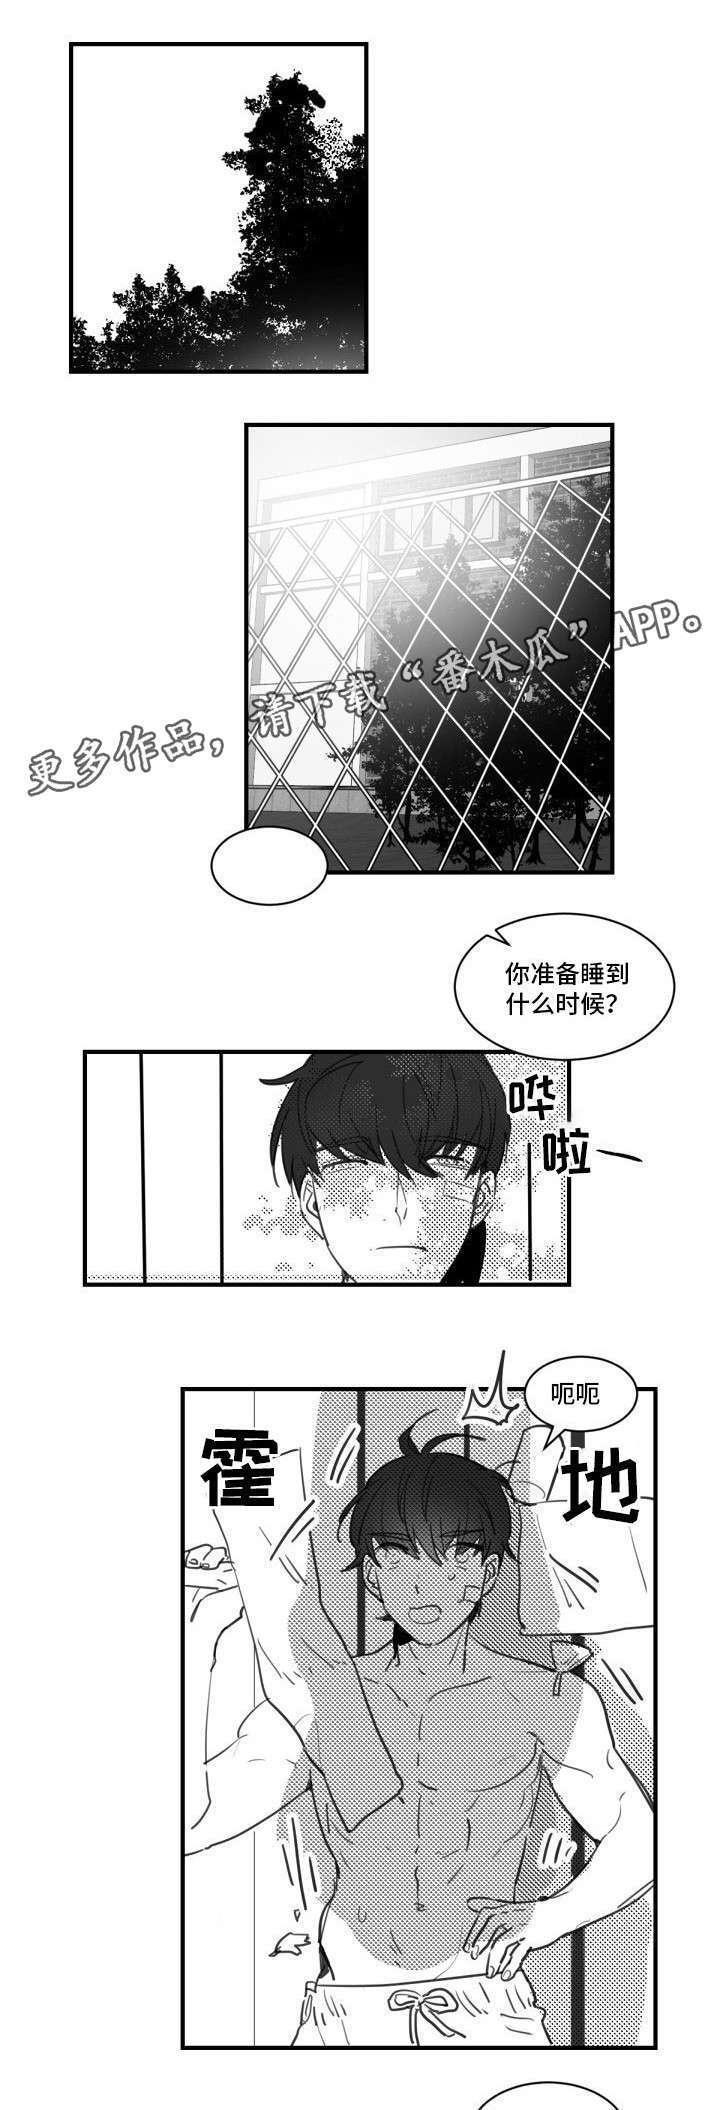 恋爱韩漫: 《焦点选手》 第19-21话-天狐阅读